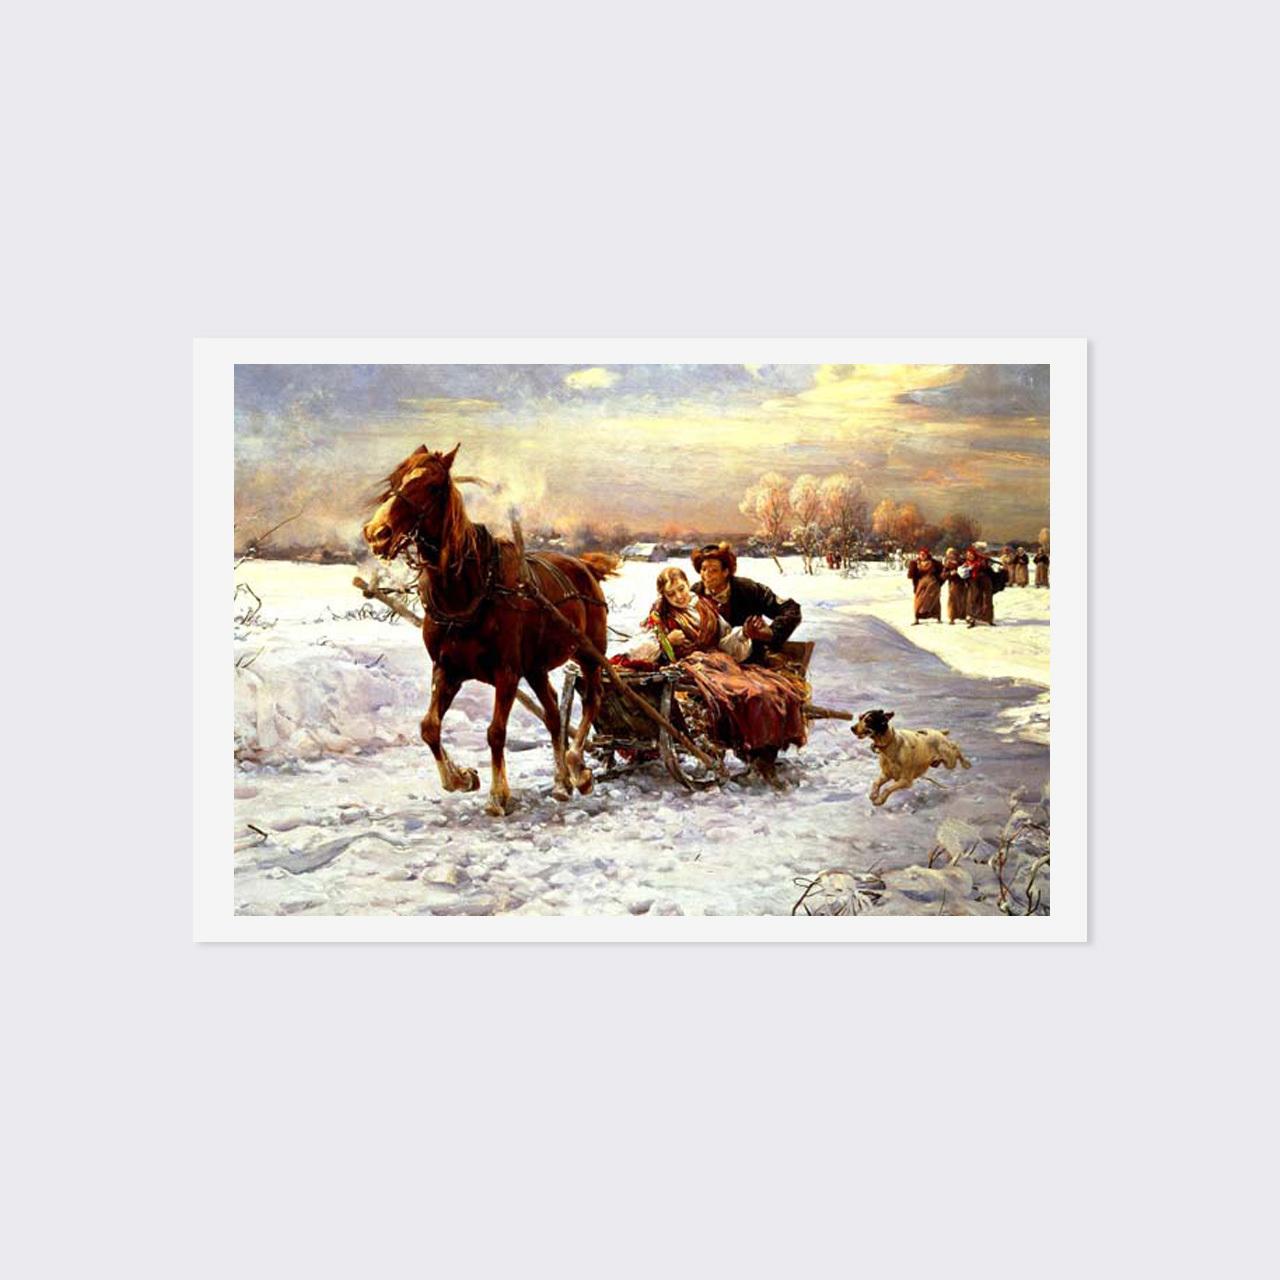 ヨハンスン ポストカード 「静かな夜(サイレントナイト)」